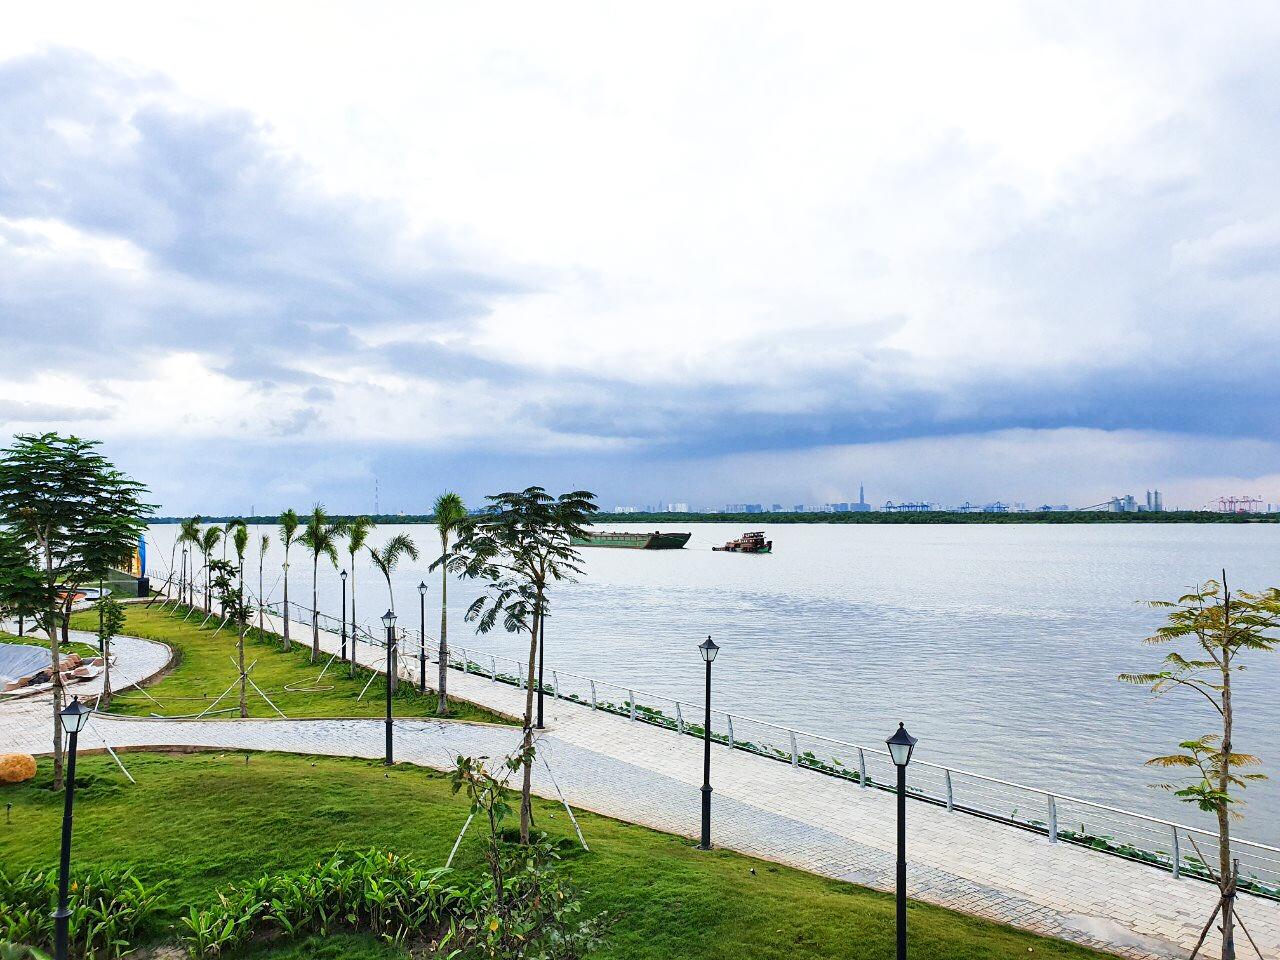 Những không gian sống mới đang hiện diện ngày một nhiều bên sông Đồng Nai. Ảnh: King Bay.